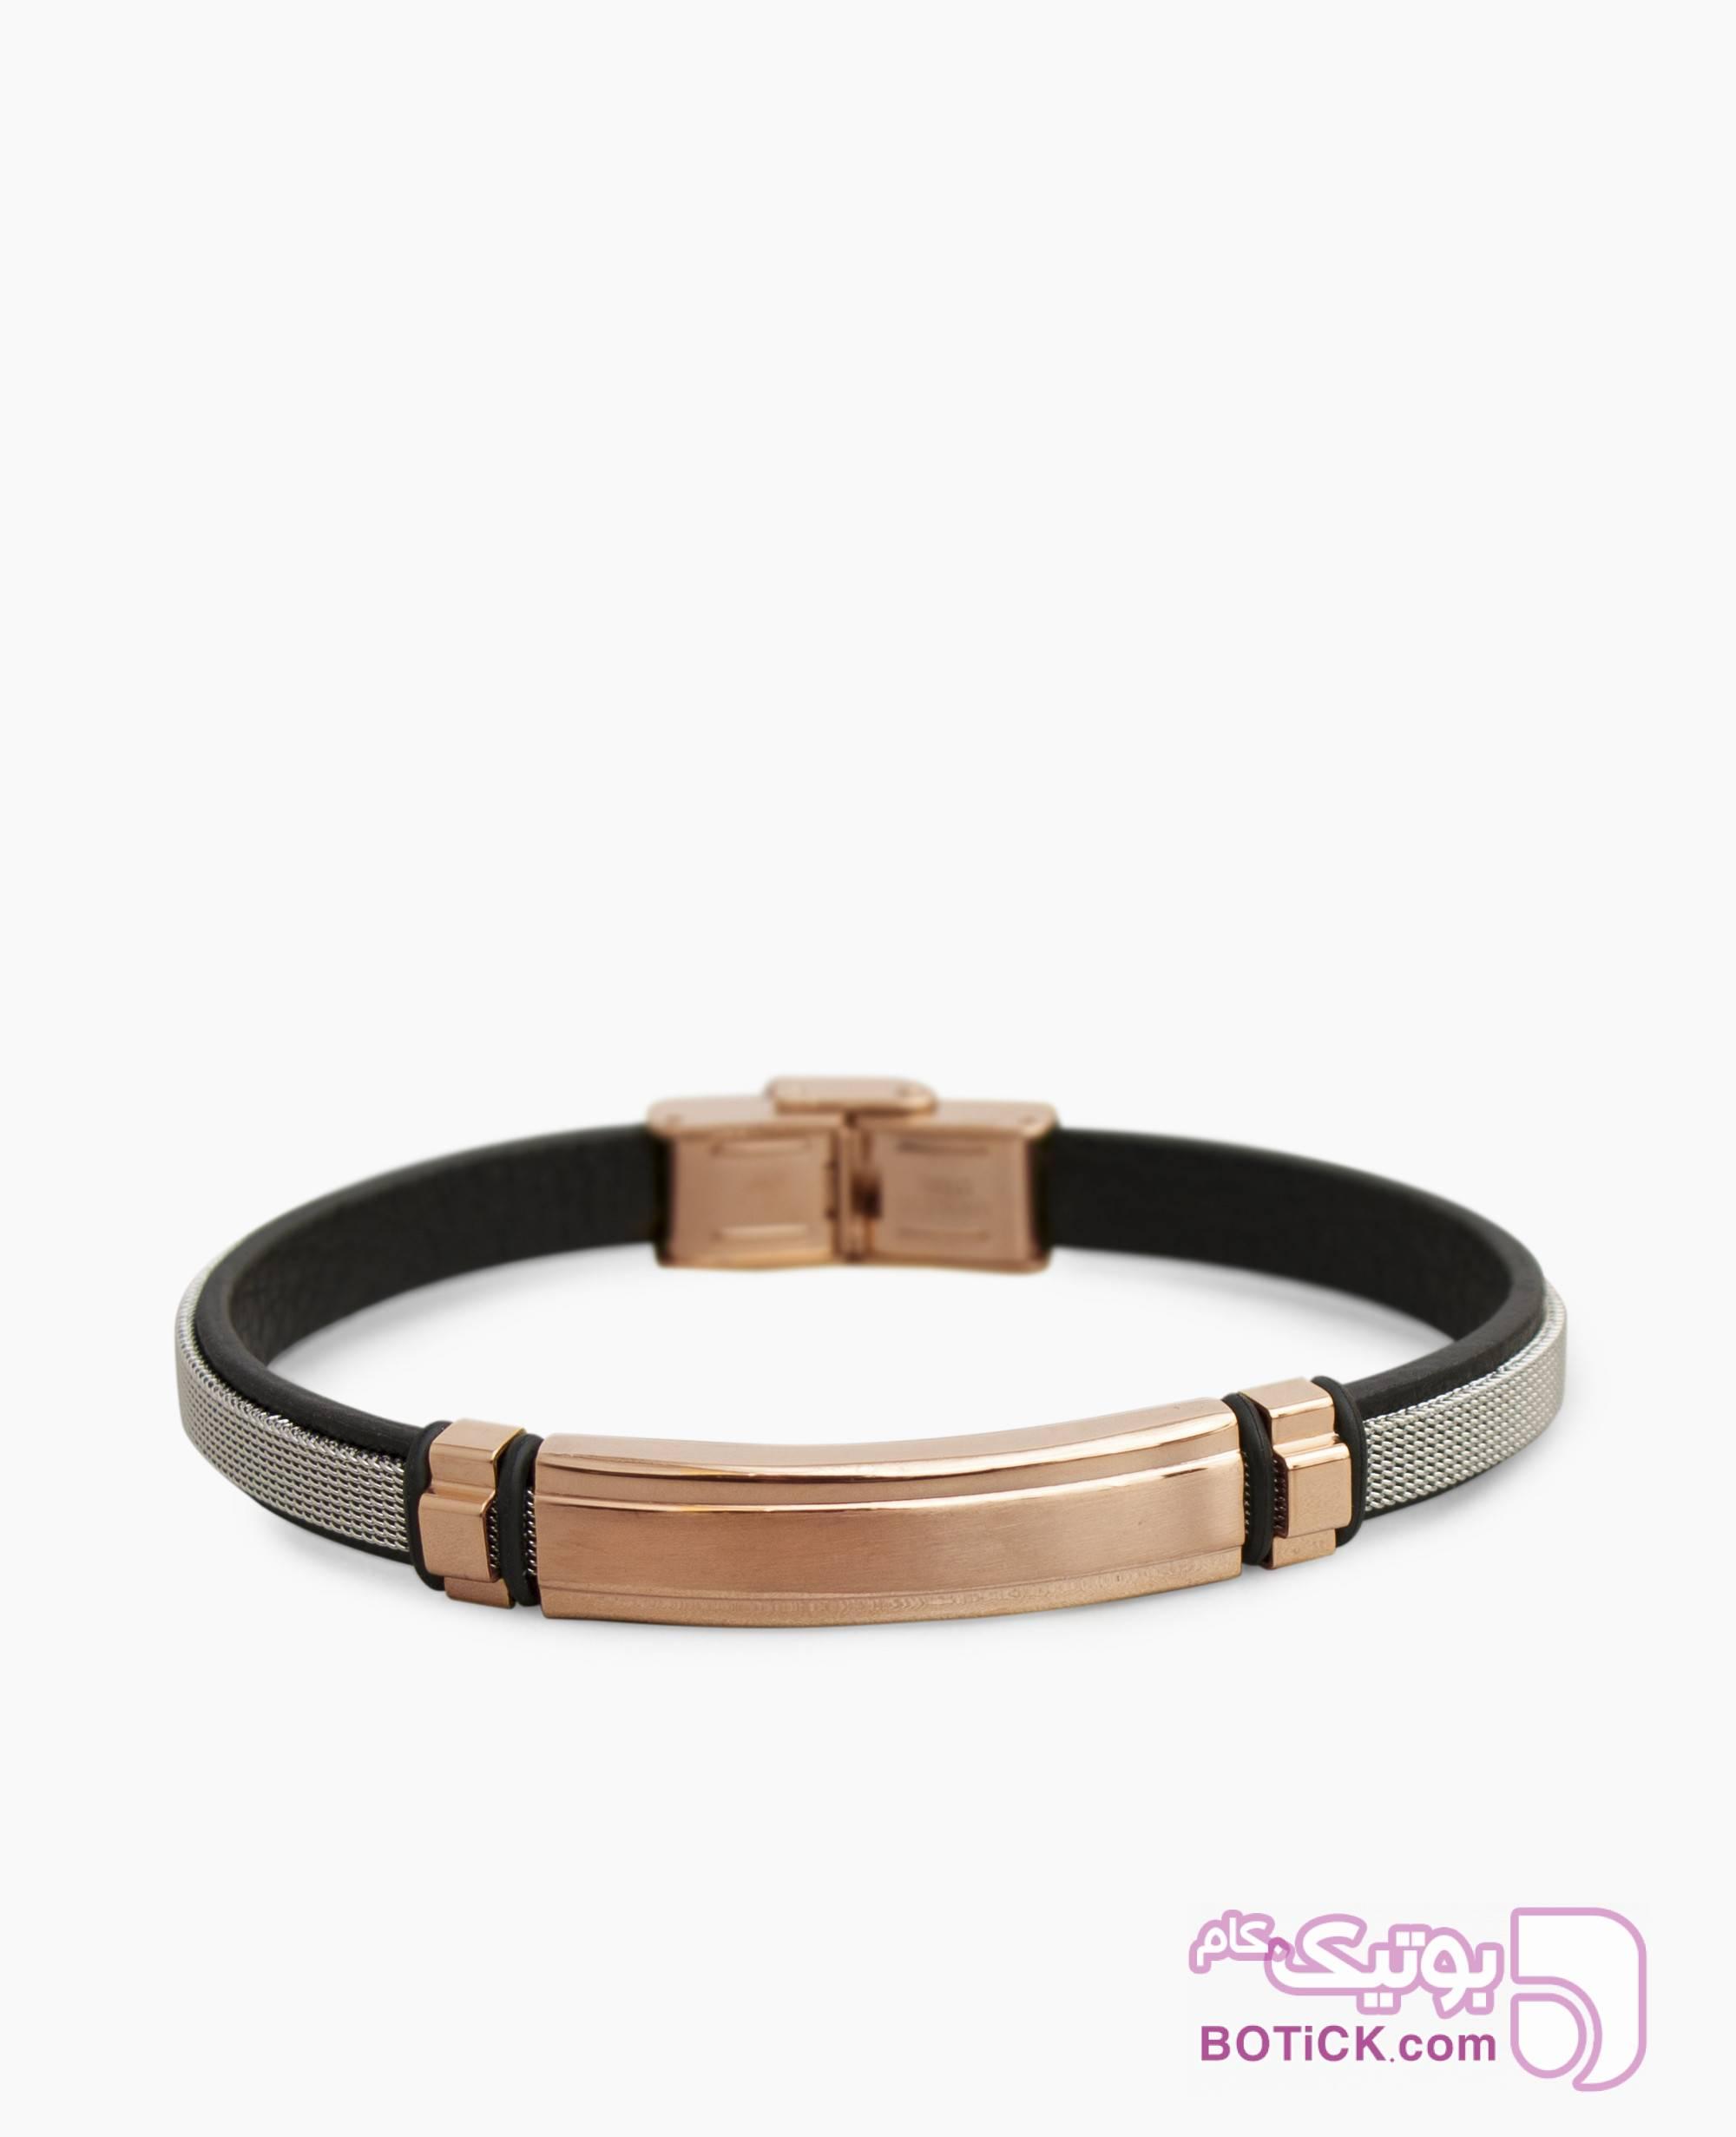 دستبند چرم و استیل کد 60750 مشکی دستبند و پابند